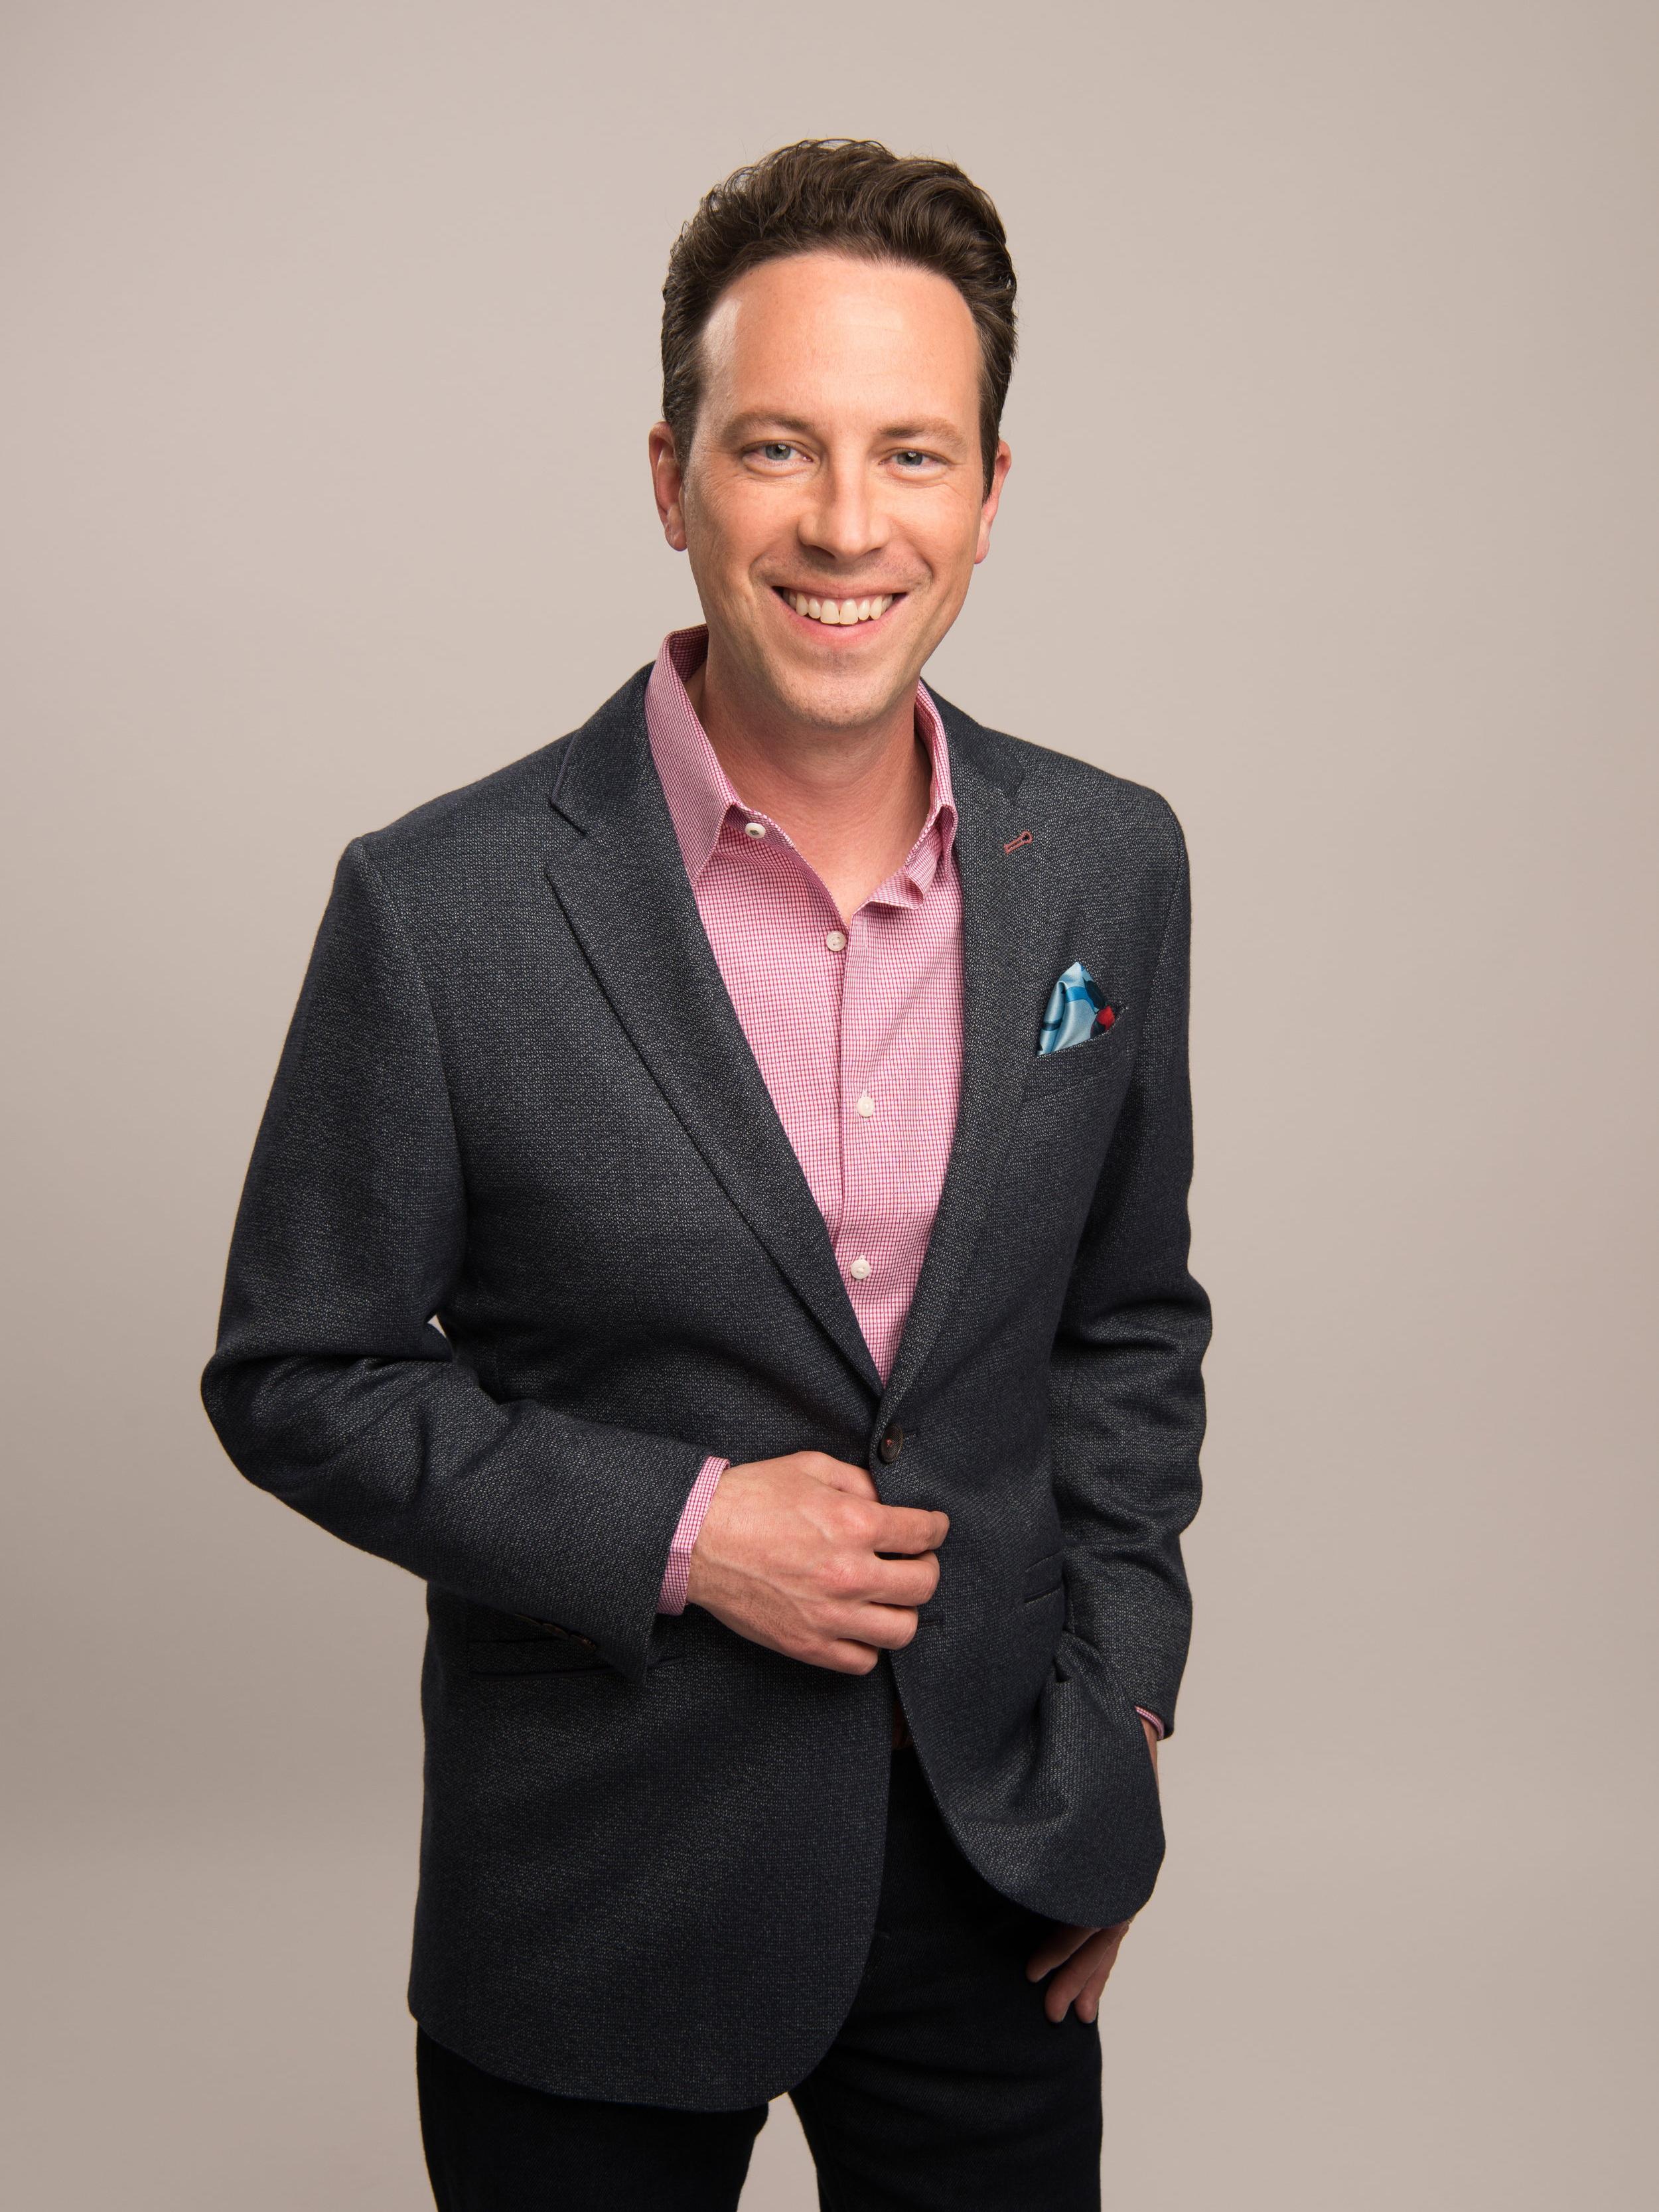 Ken Coleman - National Bestselling Author of The Proximity PrincipleMeet Ken